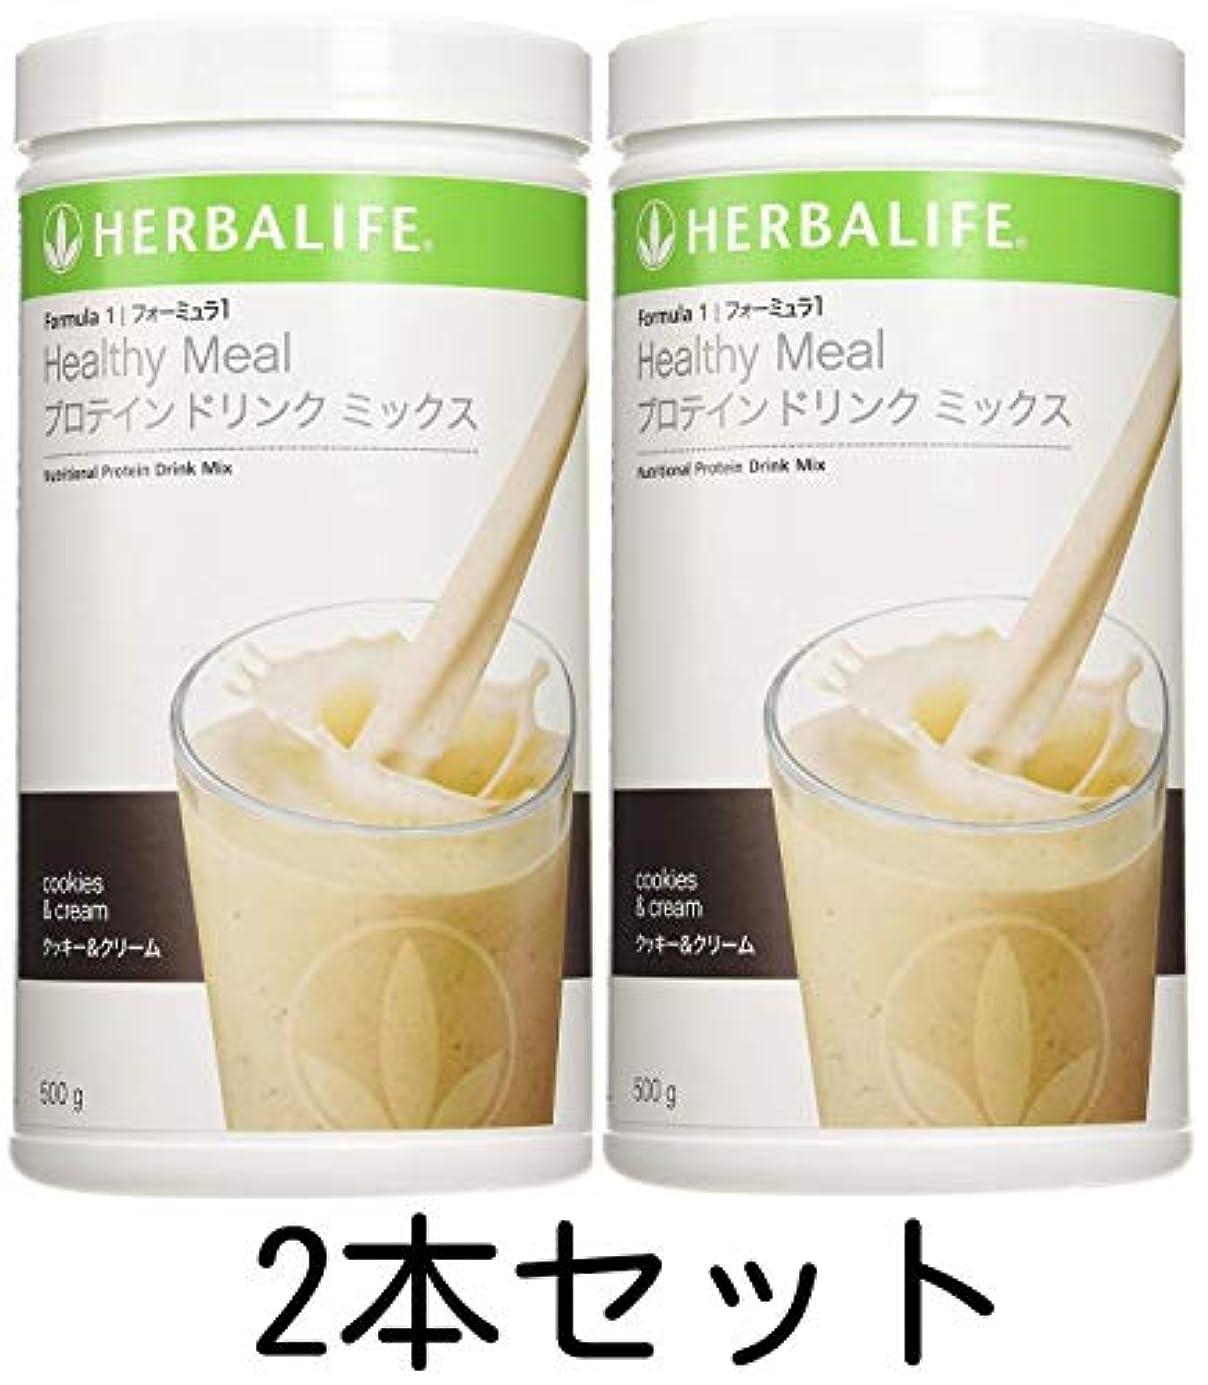 菊メモ雪だるまハーバライフ フォーミュラ1 プロテインドリンクミックス クッキー&クリーム味 2本セット